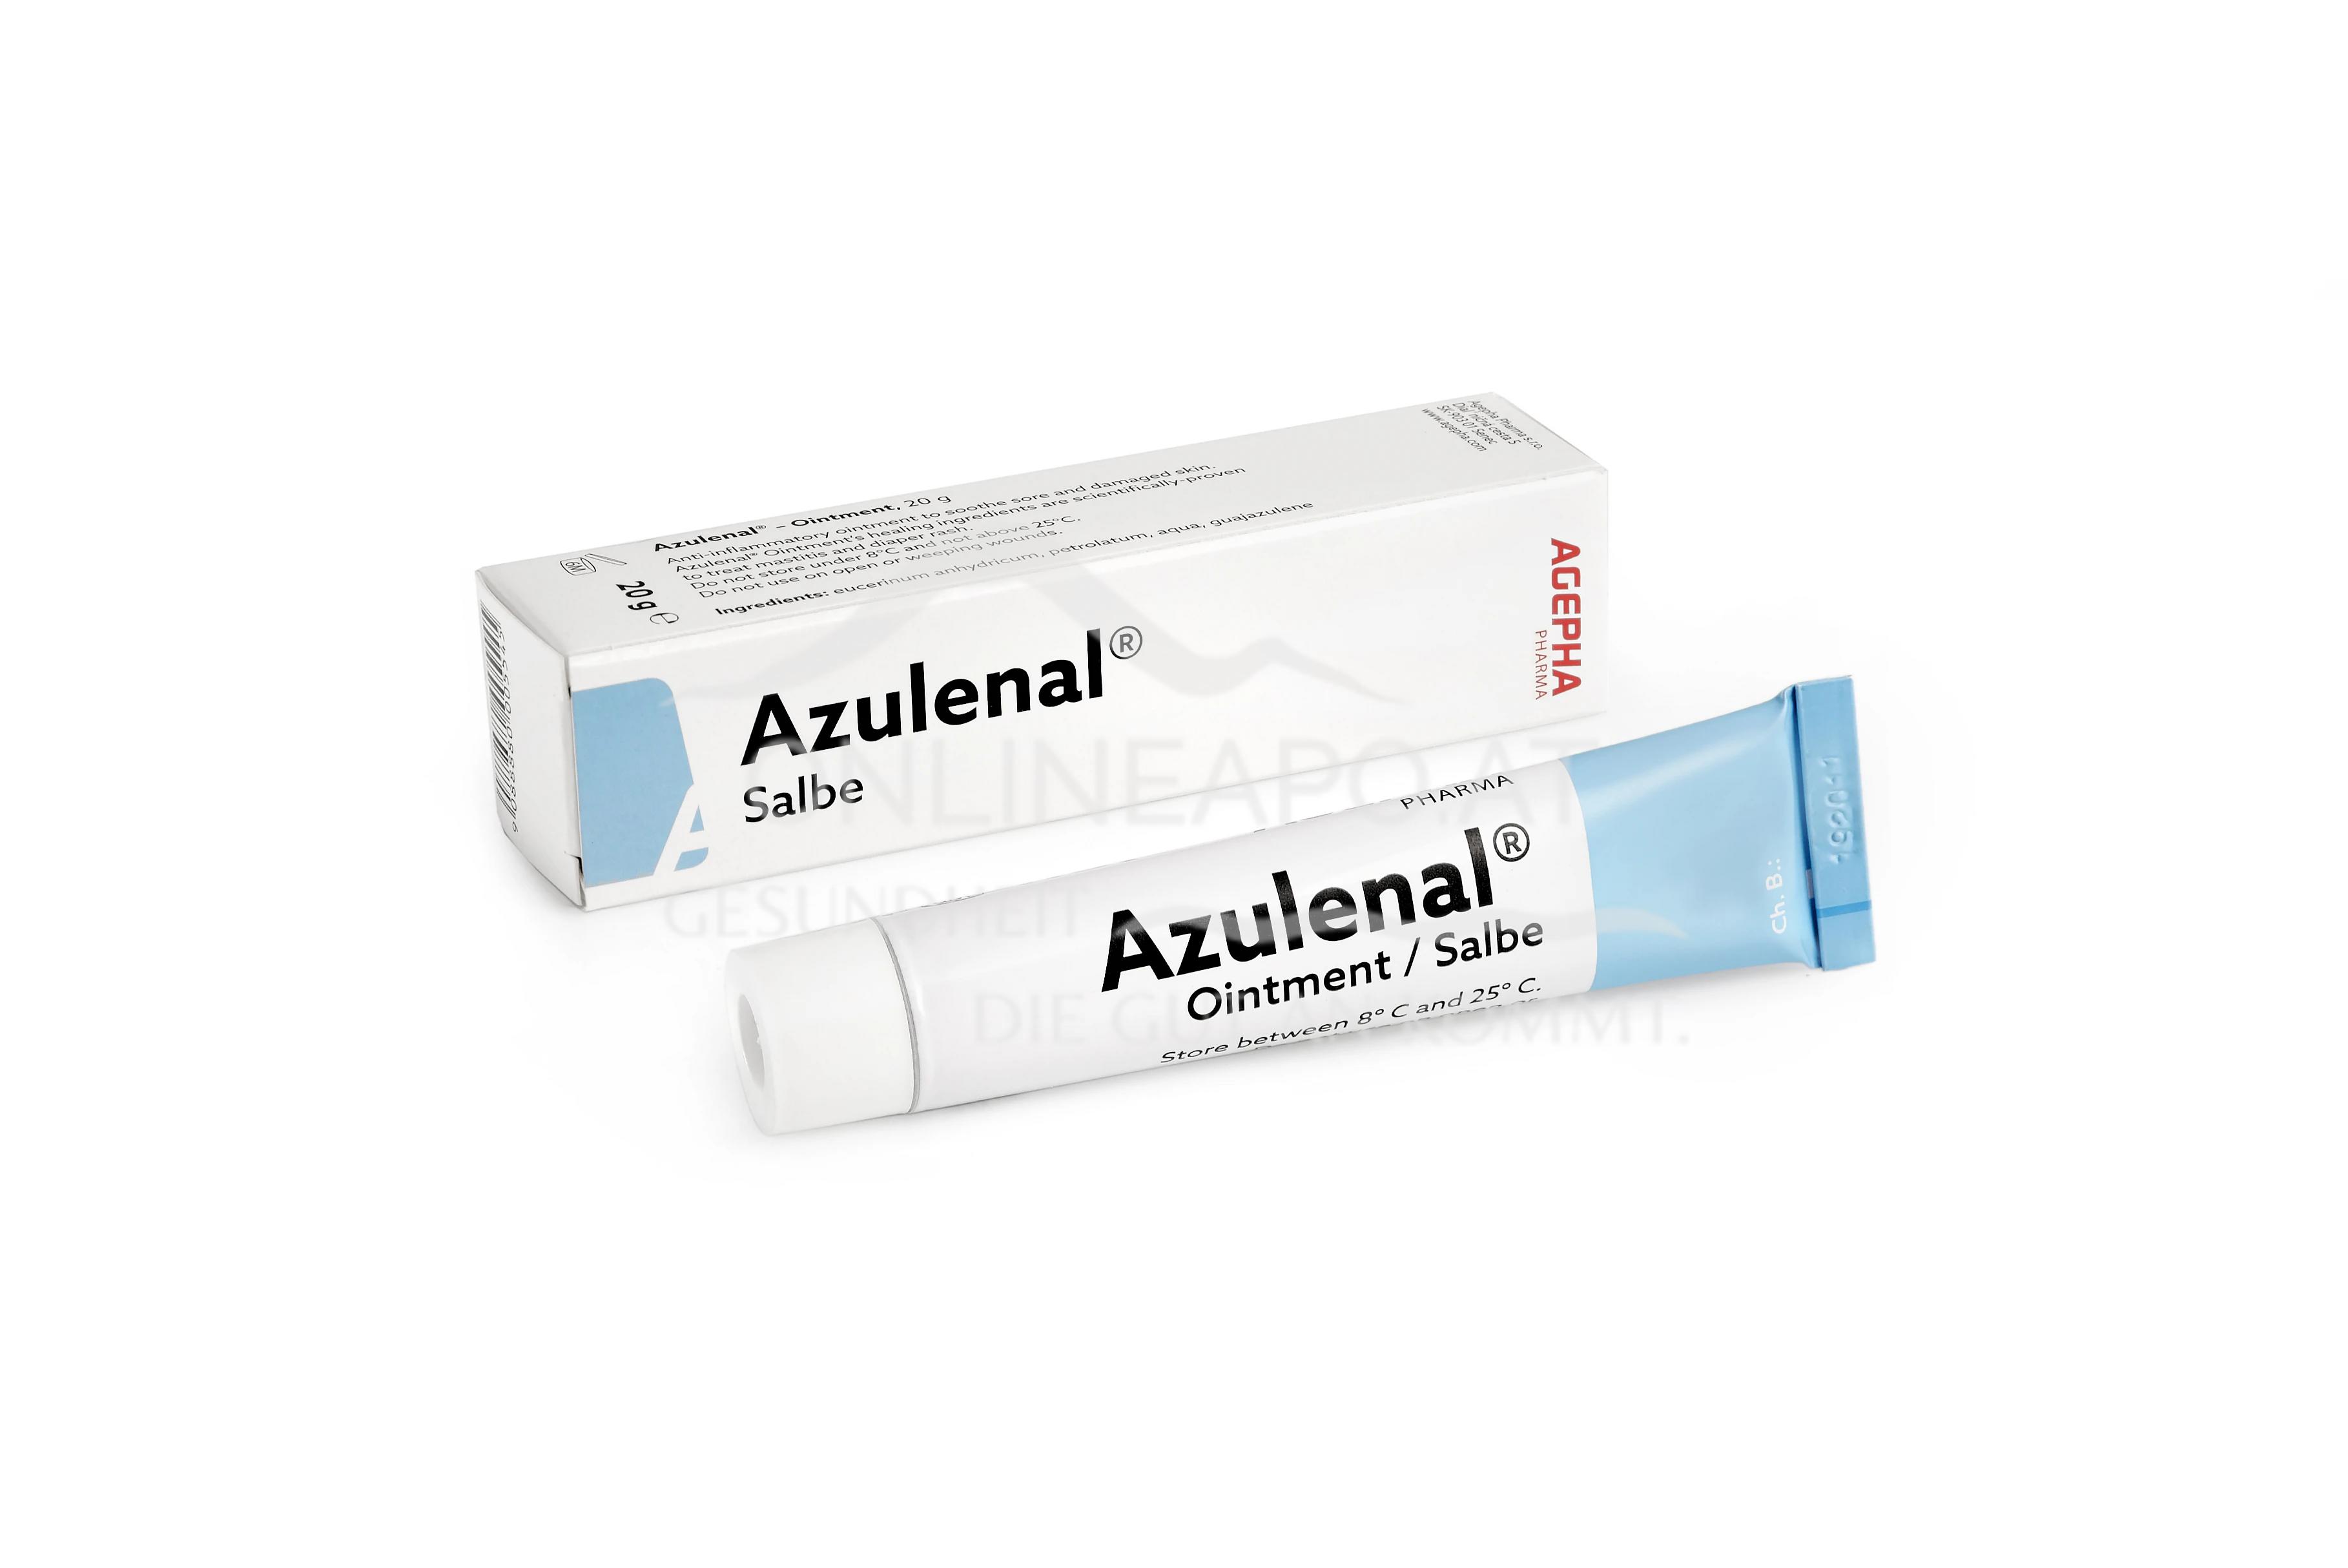 Azulenal® Salbe